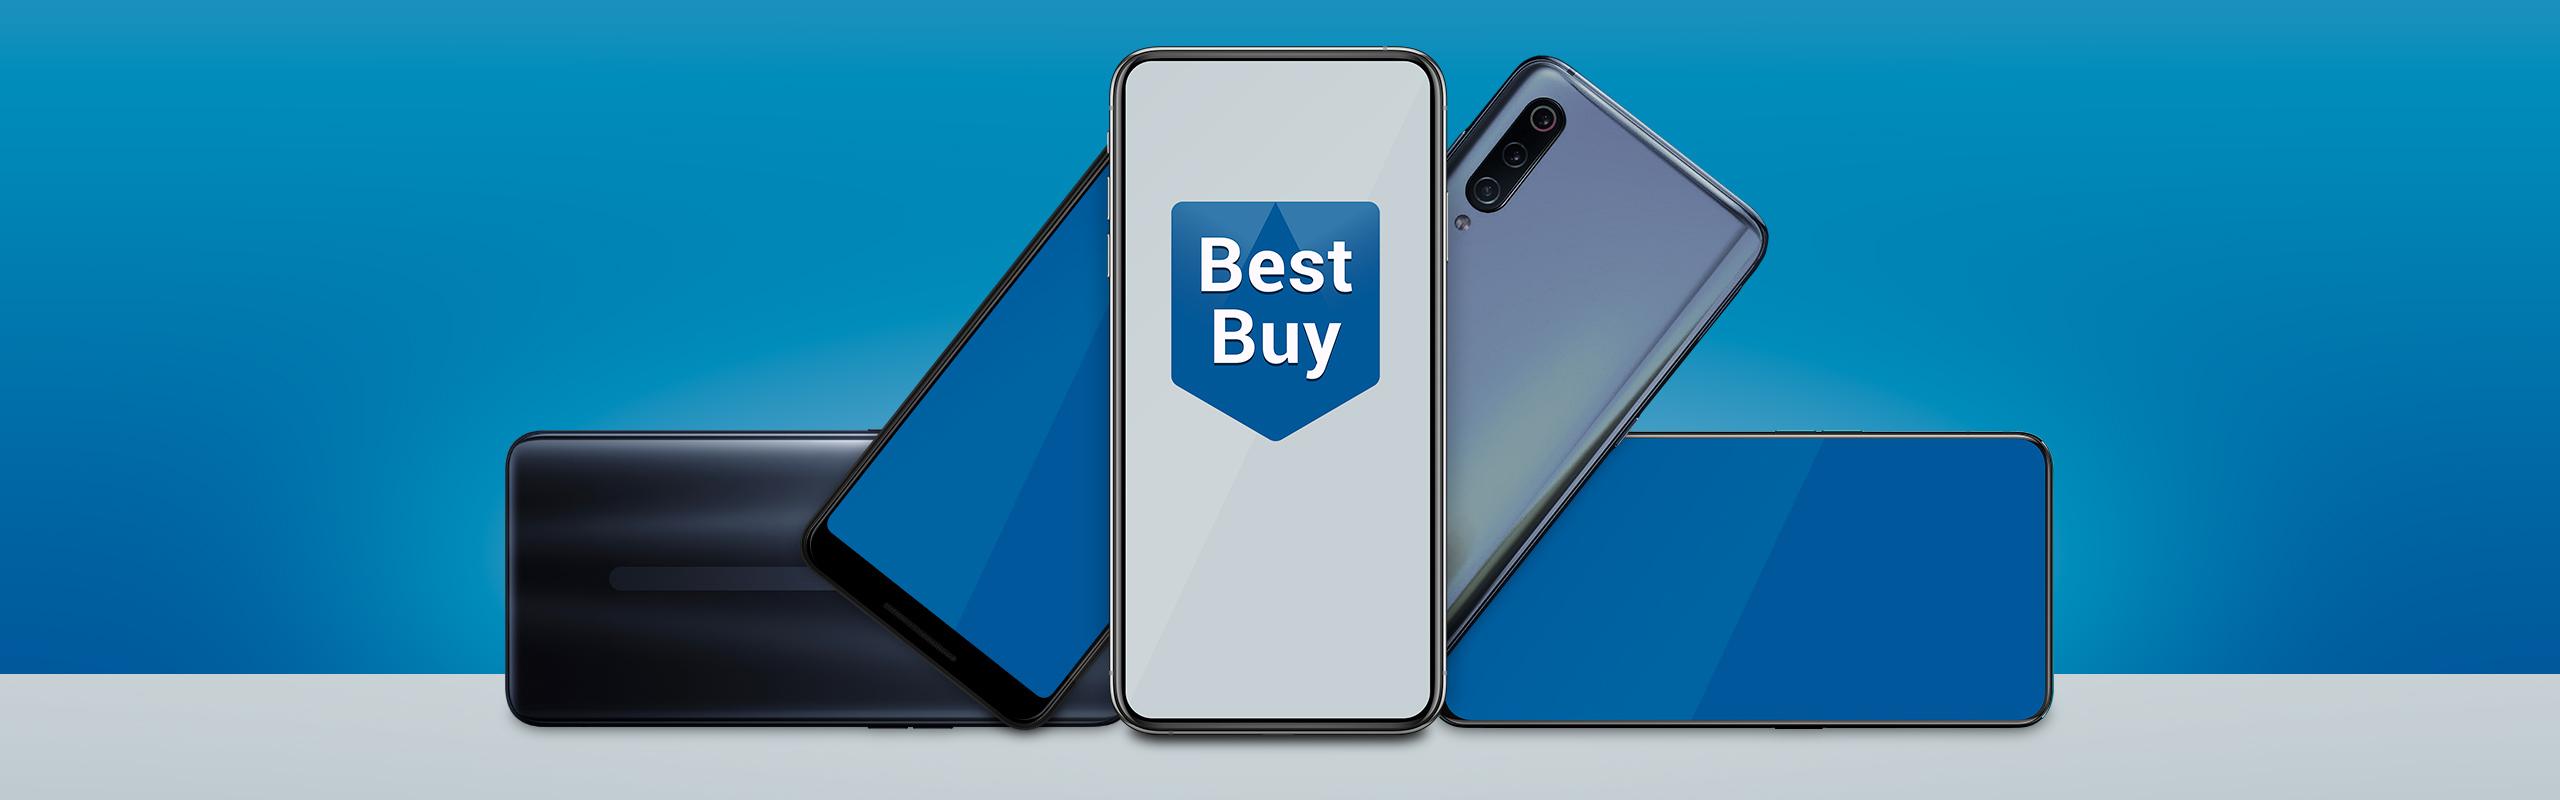 Smartphone Best Buy Guide - Inleiding - Tweakers